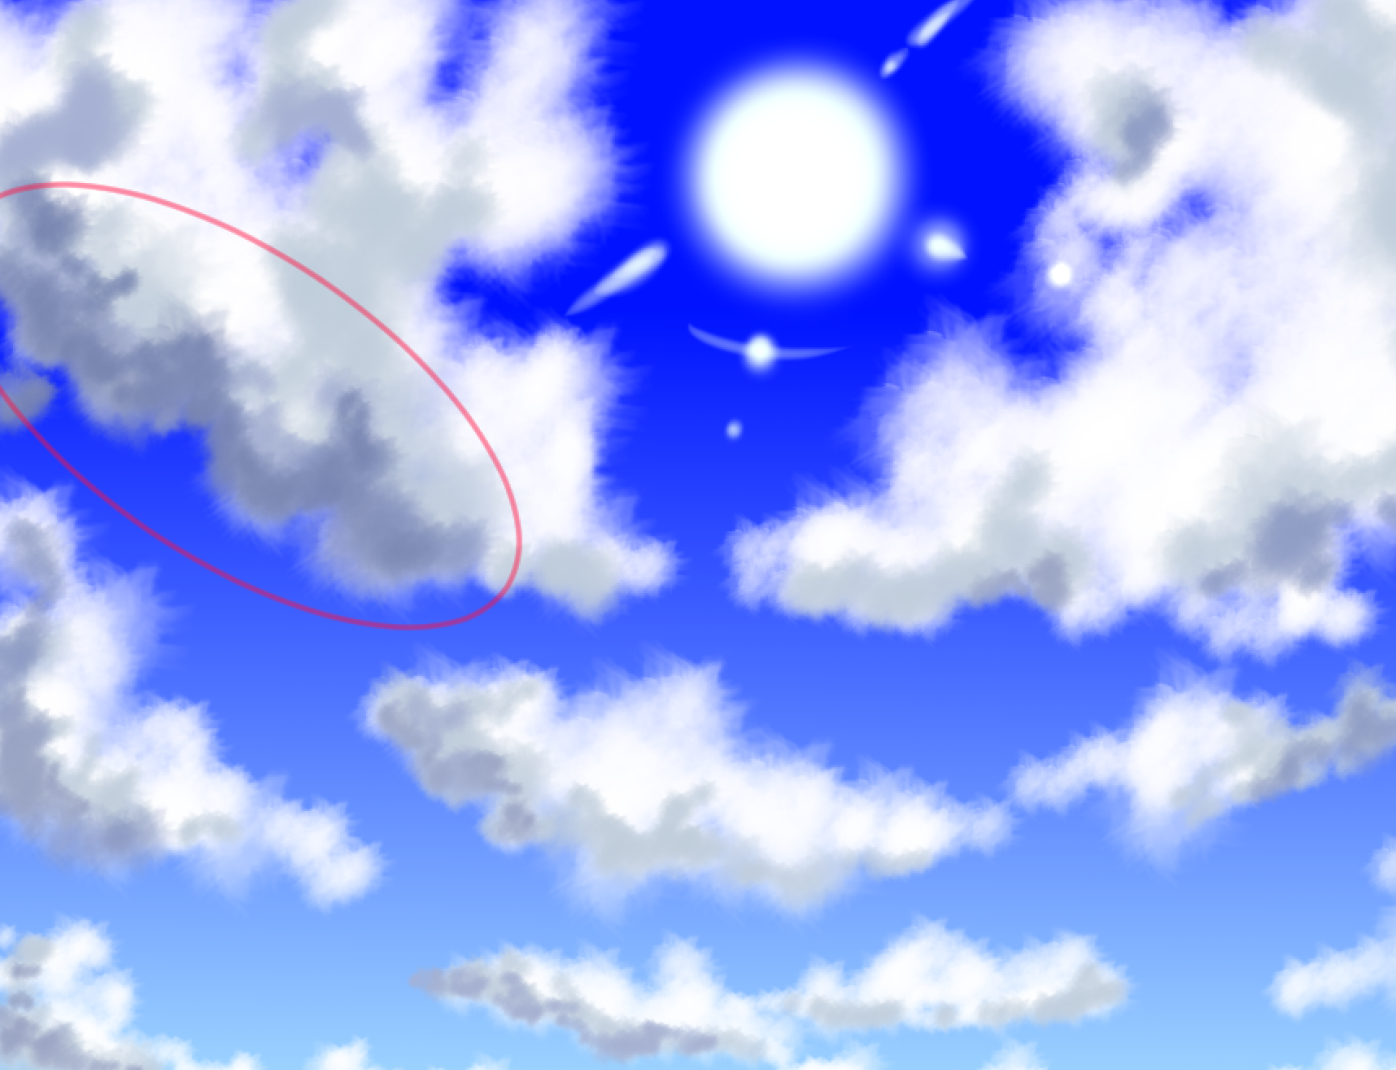 雲の描き方 空の背景のイラスト